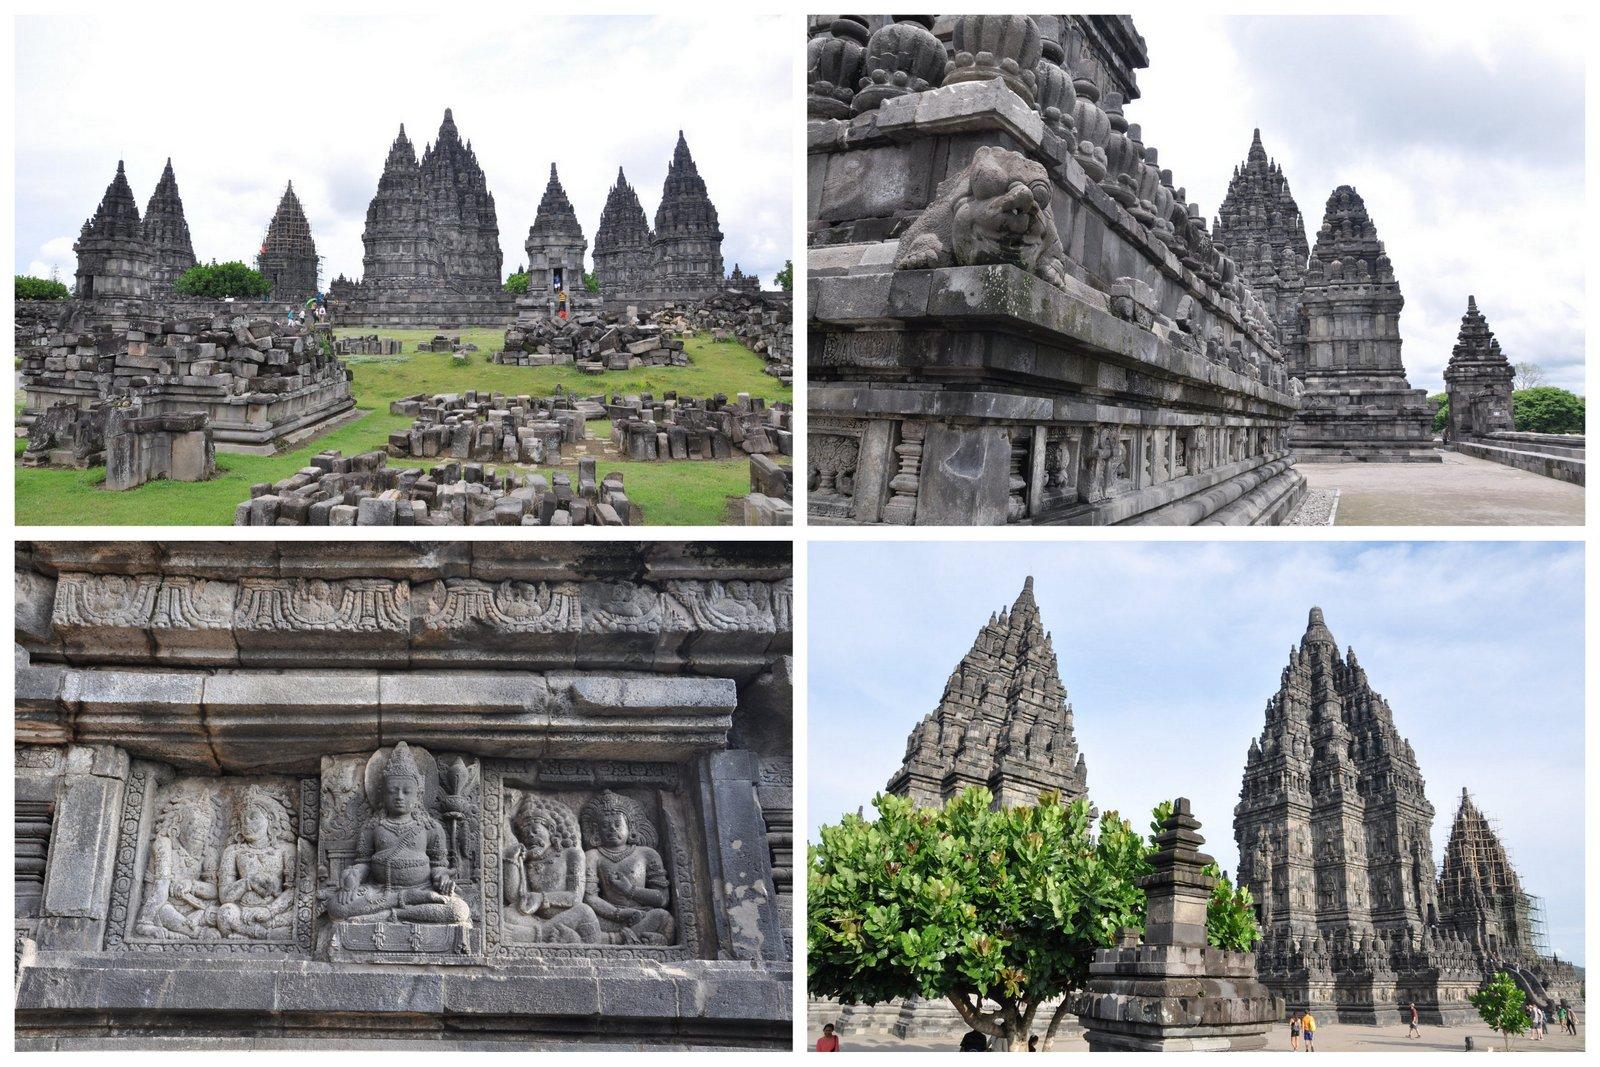 temple-prambanan-jogjakarta